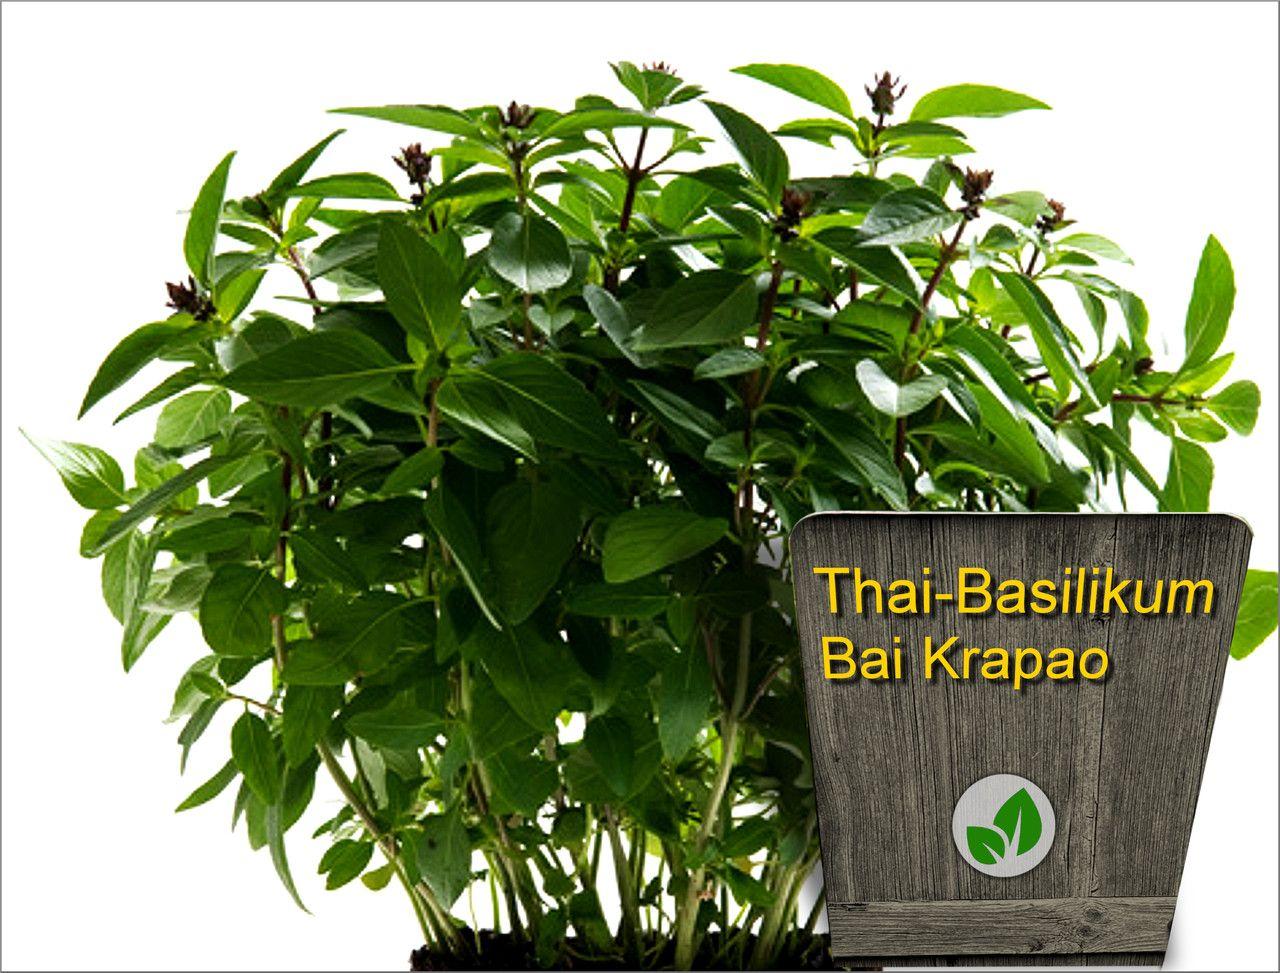 Samen Thai Basilikum Thai Kräuter im eigenen Garten Unsere